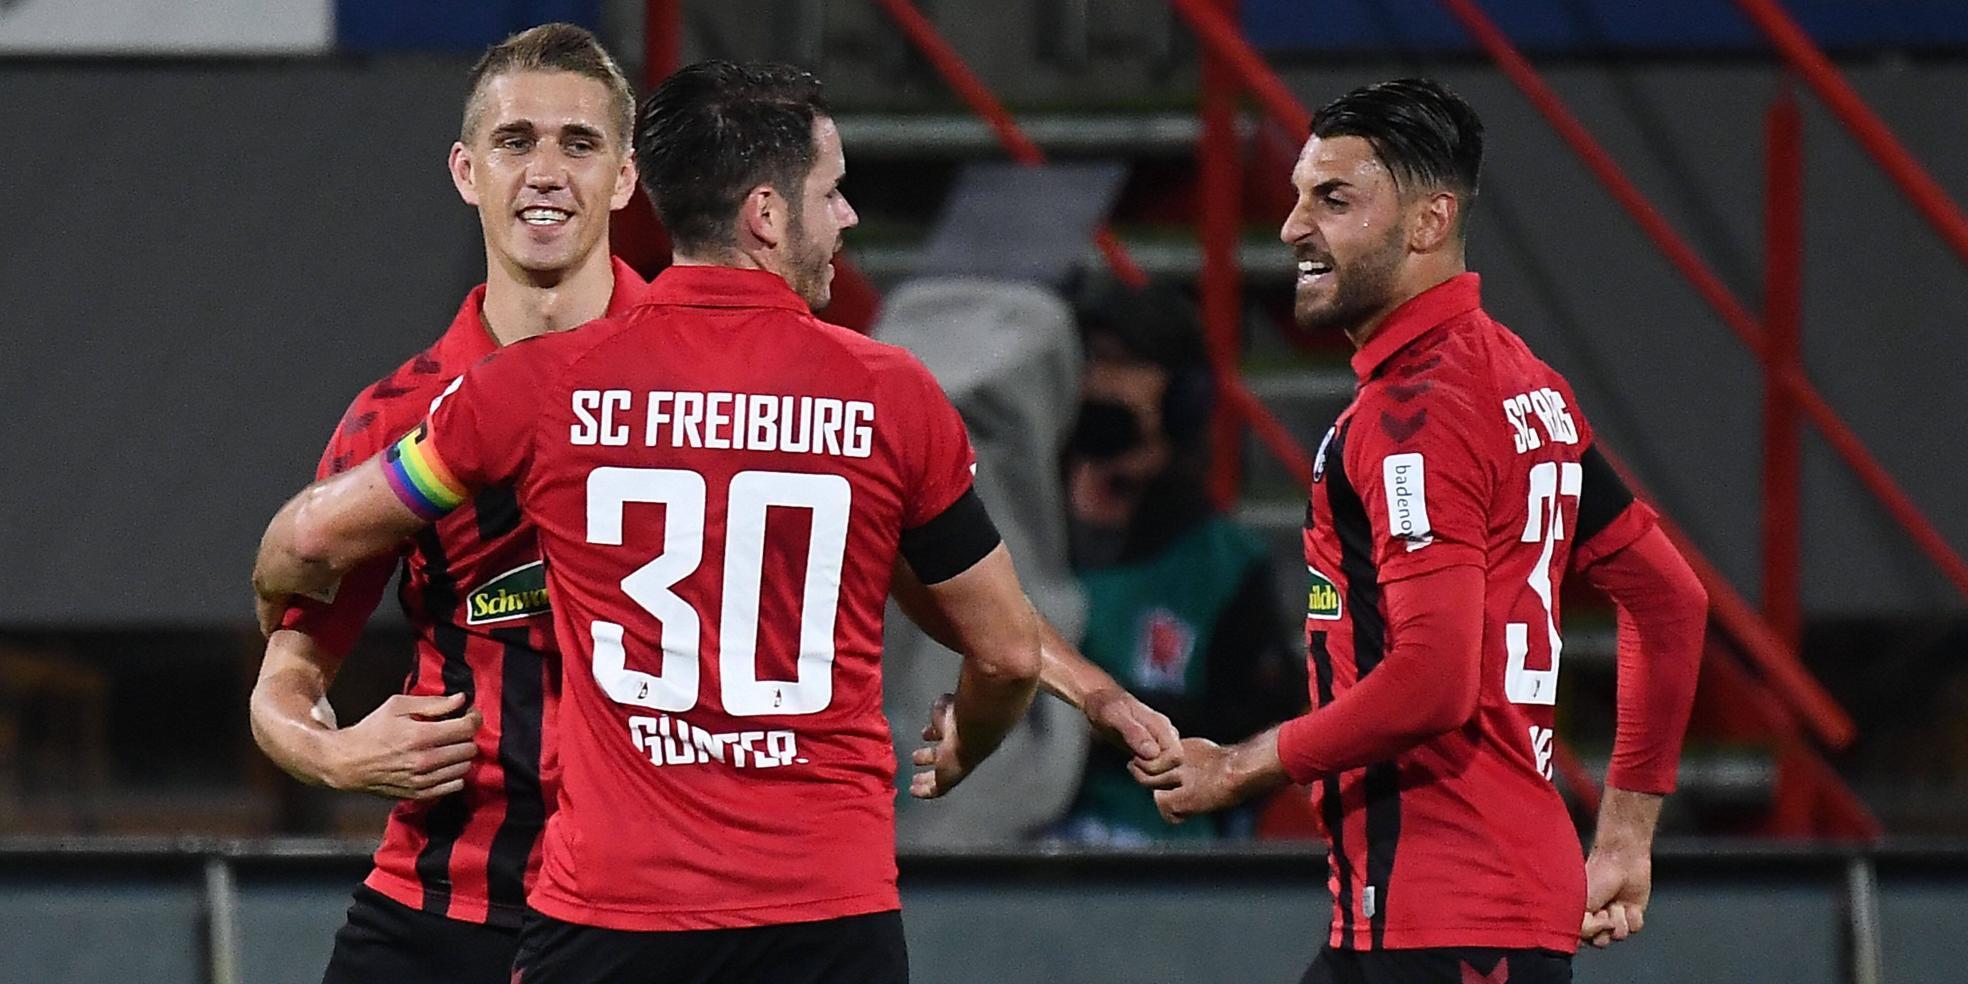 SC Freiburg: Petersen, Günter, Grifo